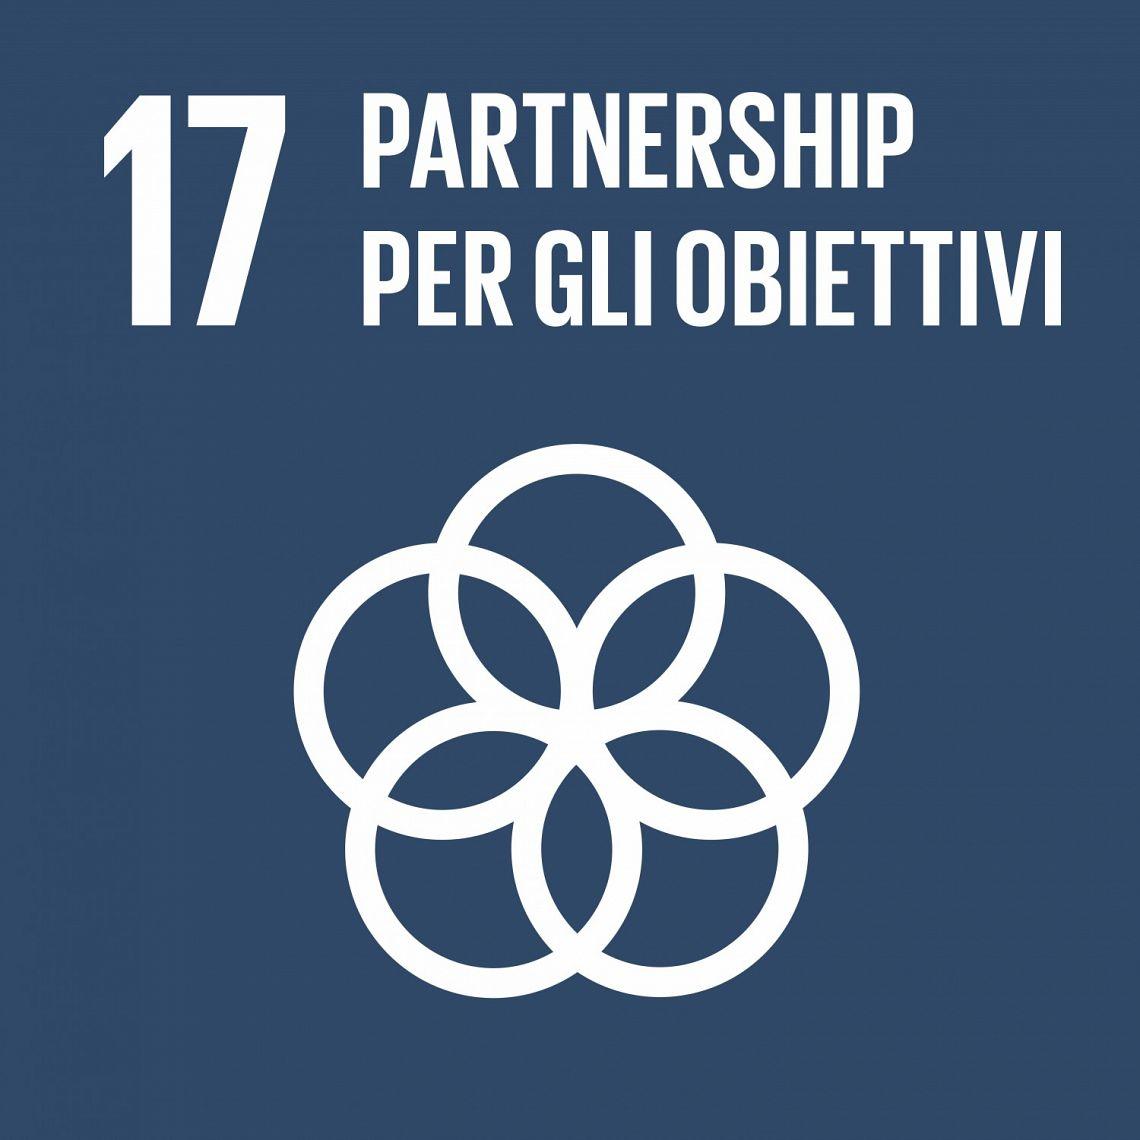 Goal E Target Obiettivi E Traguardi Per Il 2030 Alleanza Italiana Per Lo Sviluppo Sostenibile